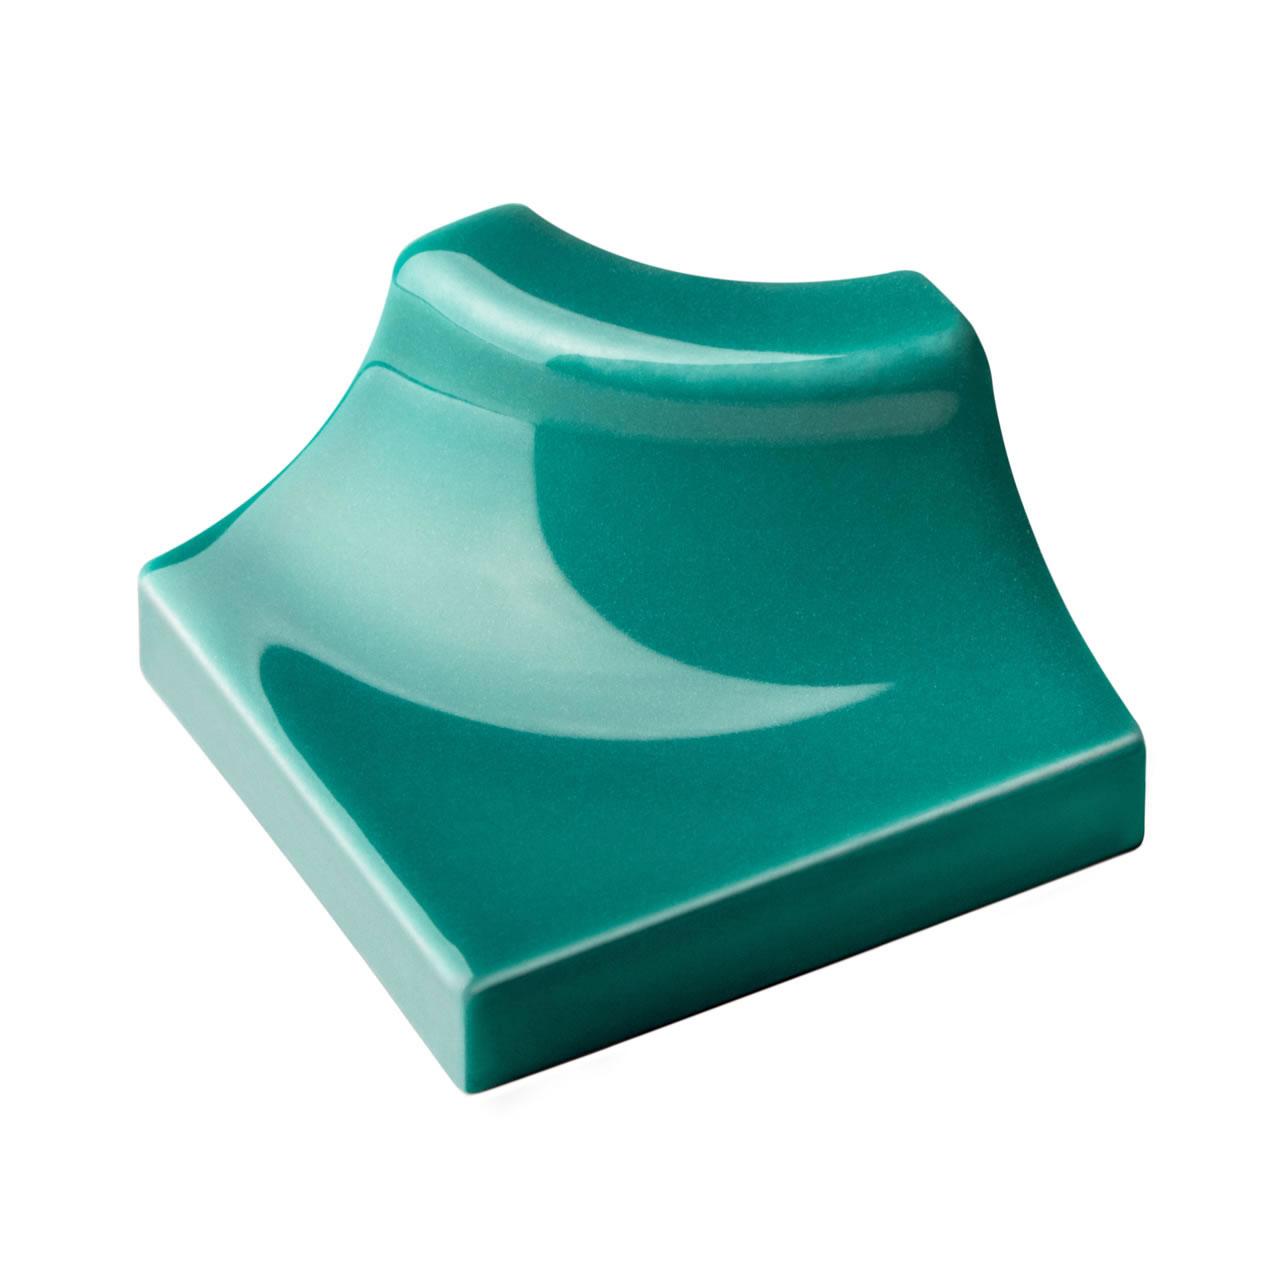 canto interno verde jade 2,5×2,5